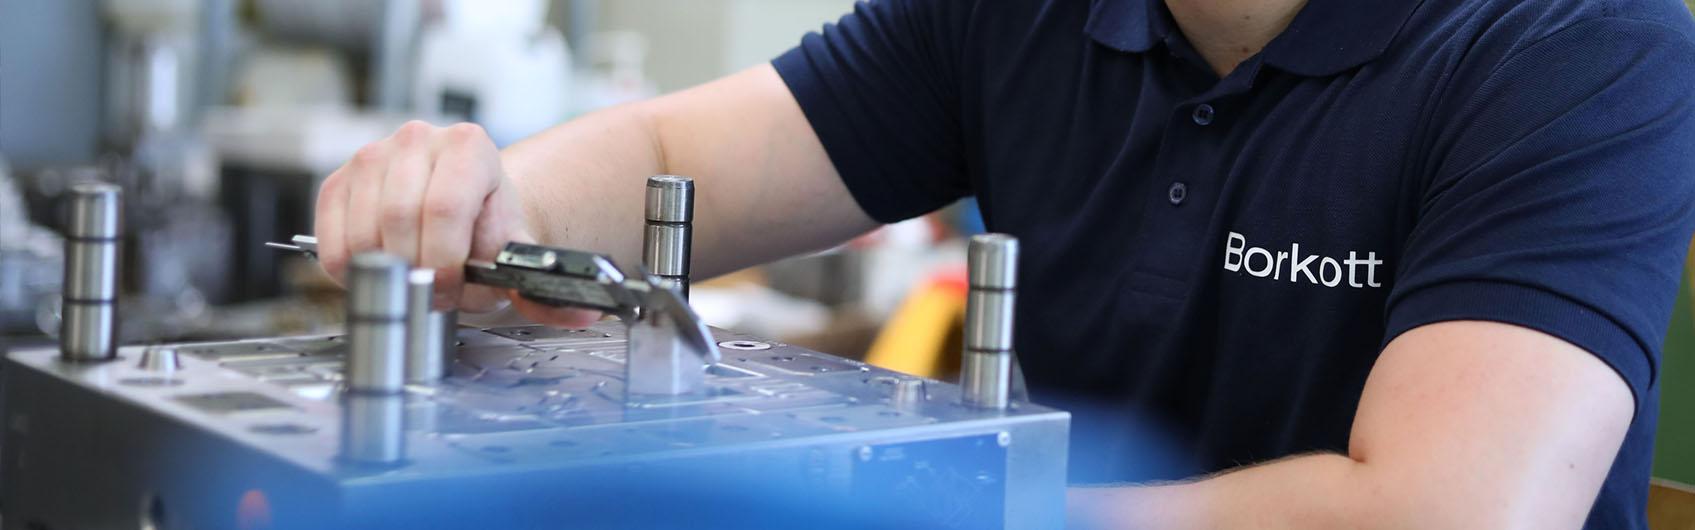 Werkzeugbau Fertigung